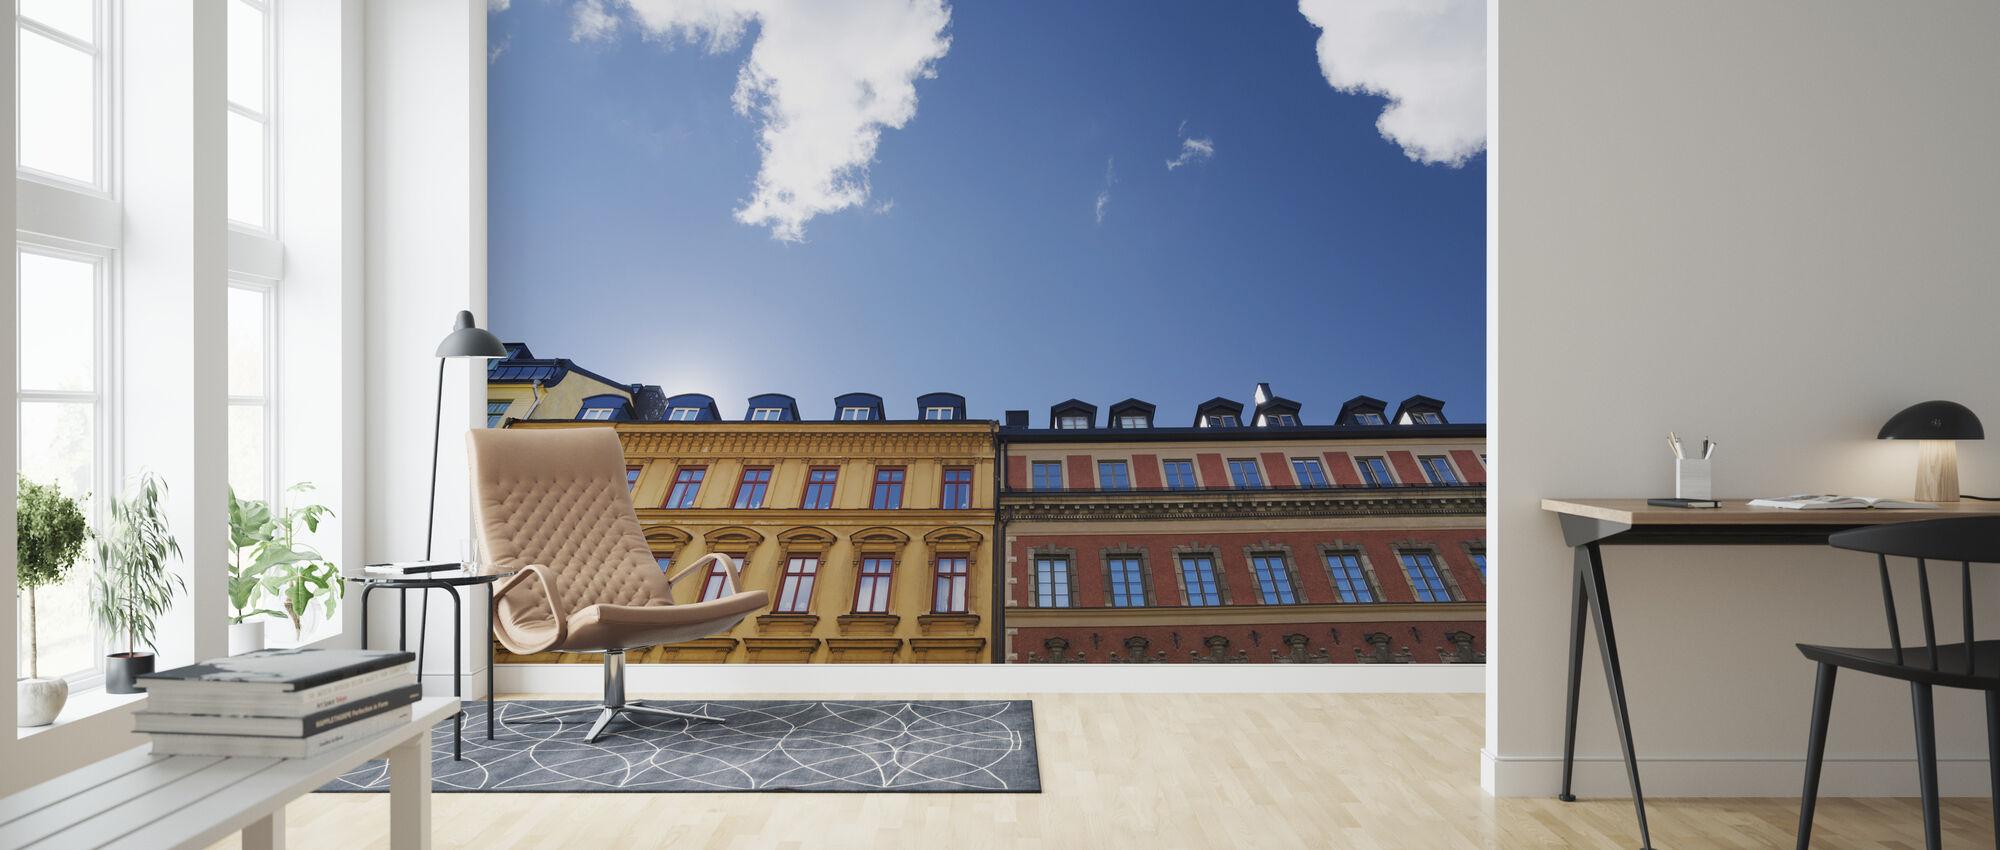 Kirkkaat värit Rakennukset Tukholmassa - Tapetti - Olohuone